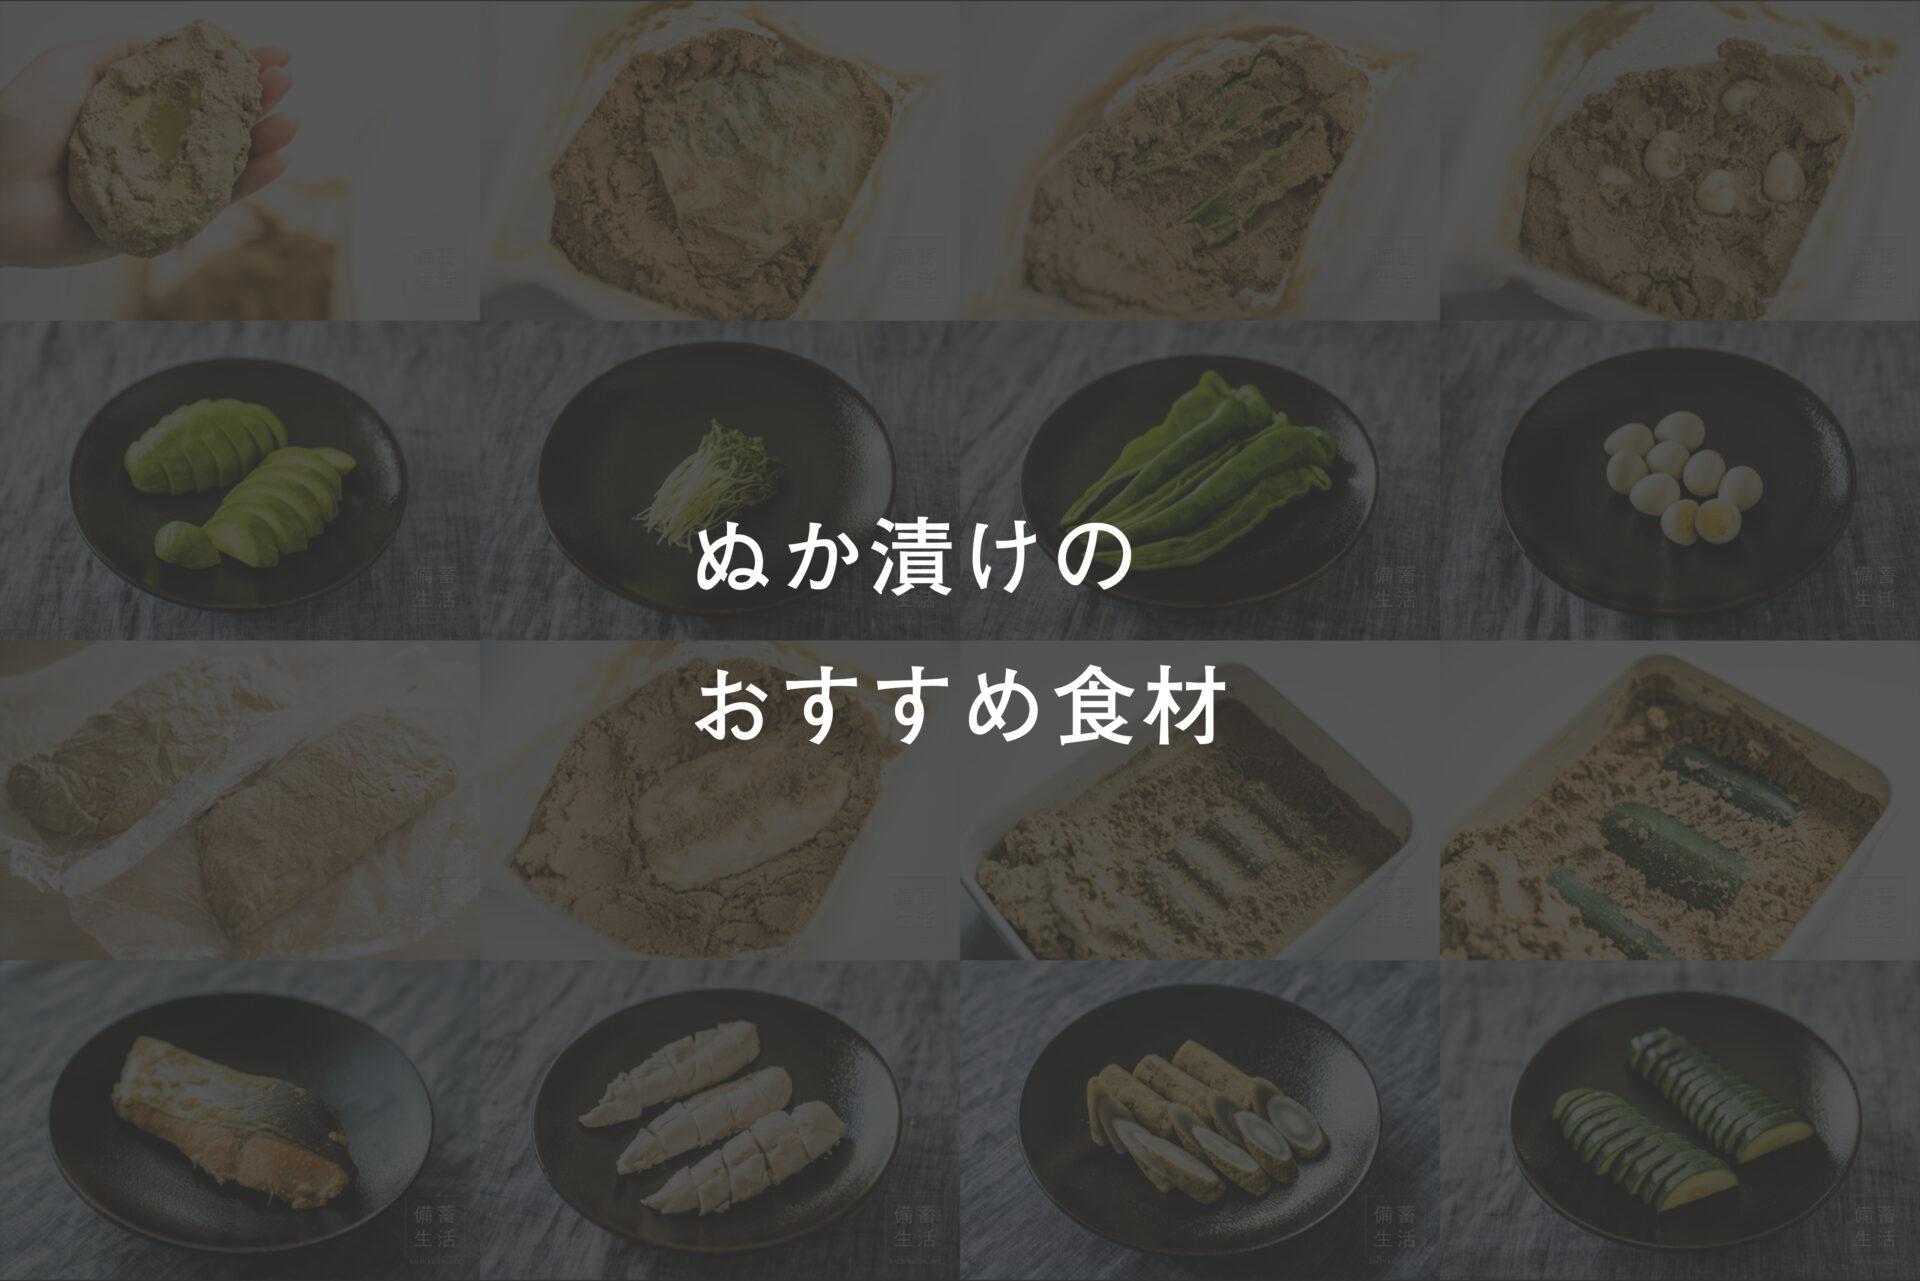 ぬか漬けのおすすめ食材まとめページ